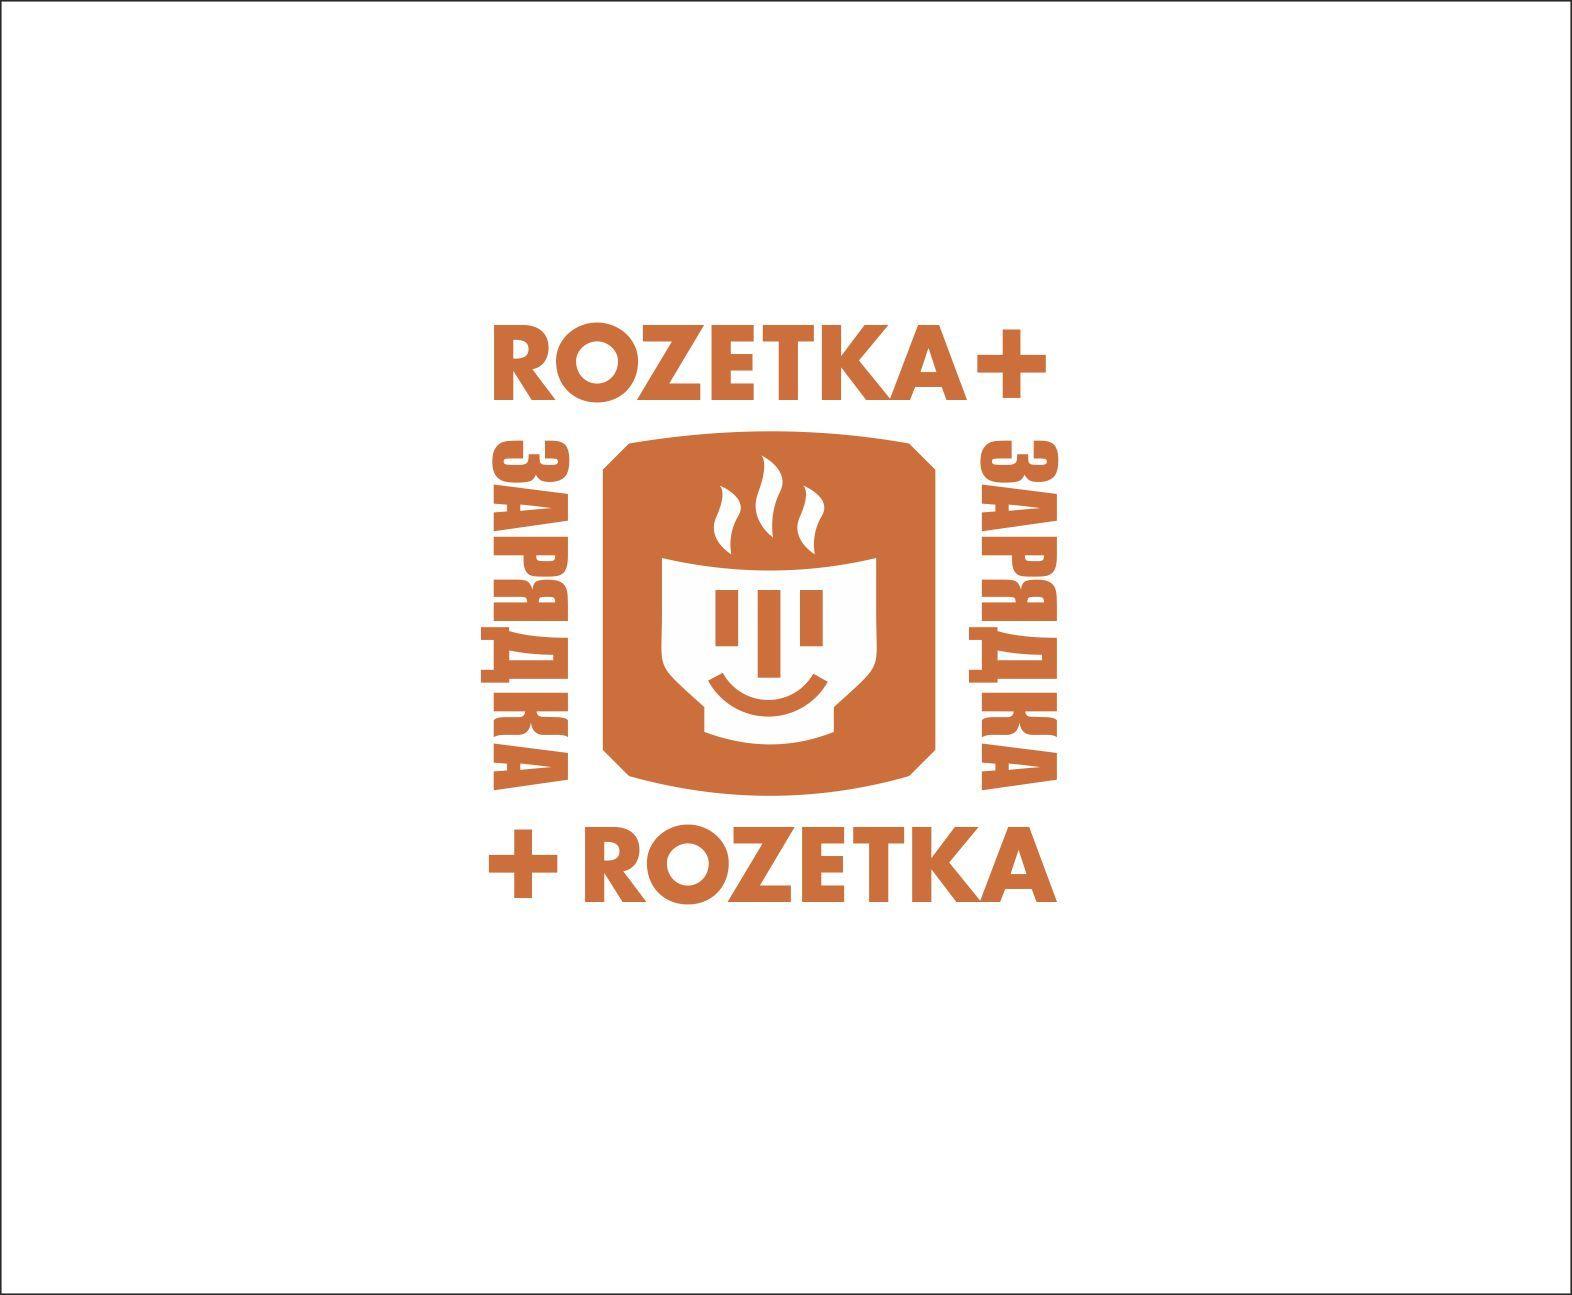 Логотип+Дизайн фирменного стиля для кофейни  - дизайнер silisten